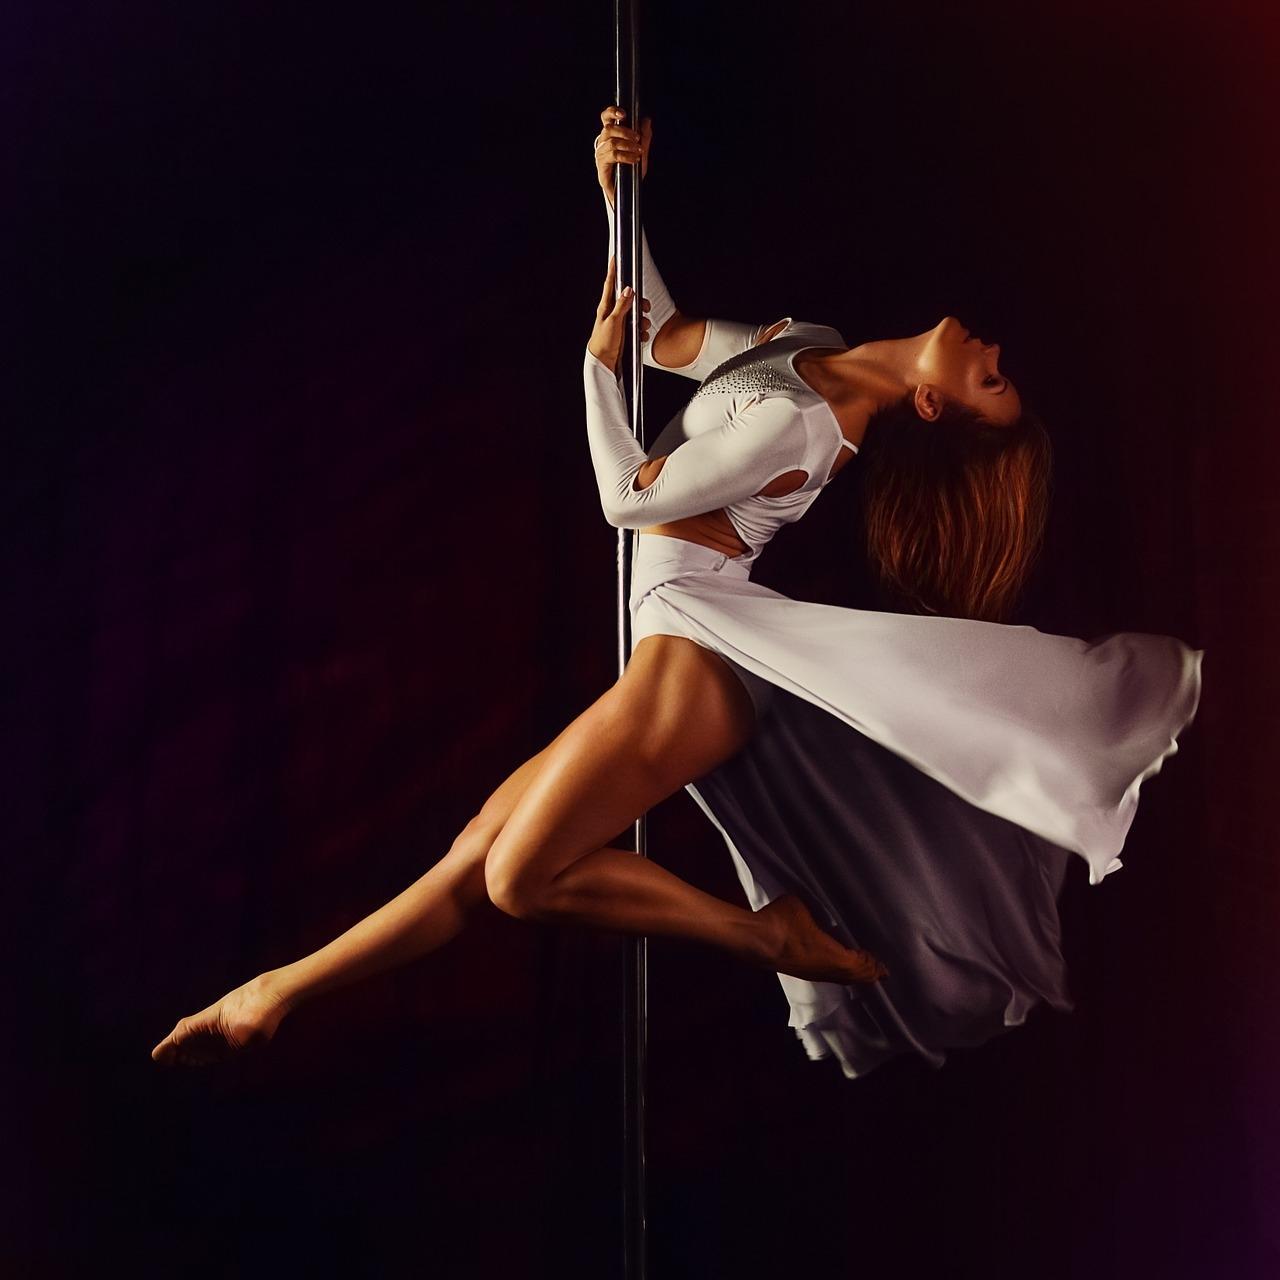 Престижный и высококлассный ночной клуб Golden Girls в поисках Танцовщиц.